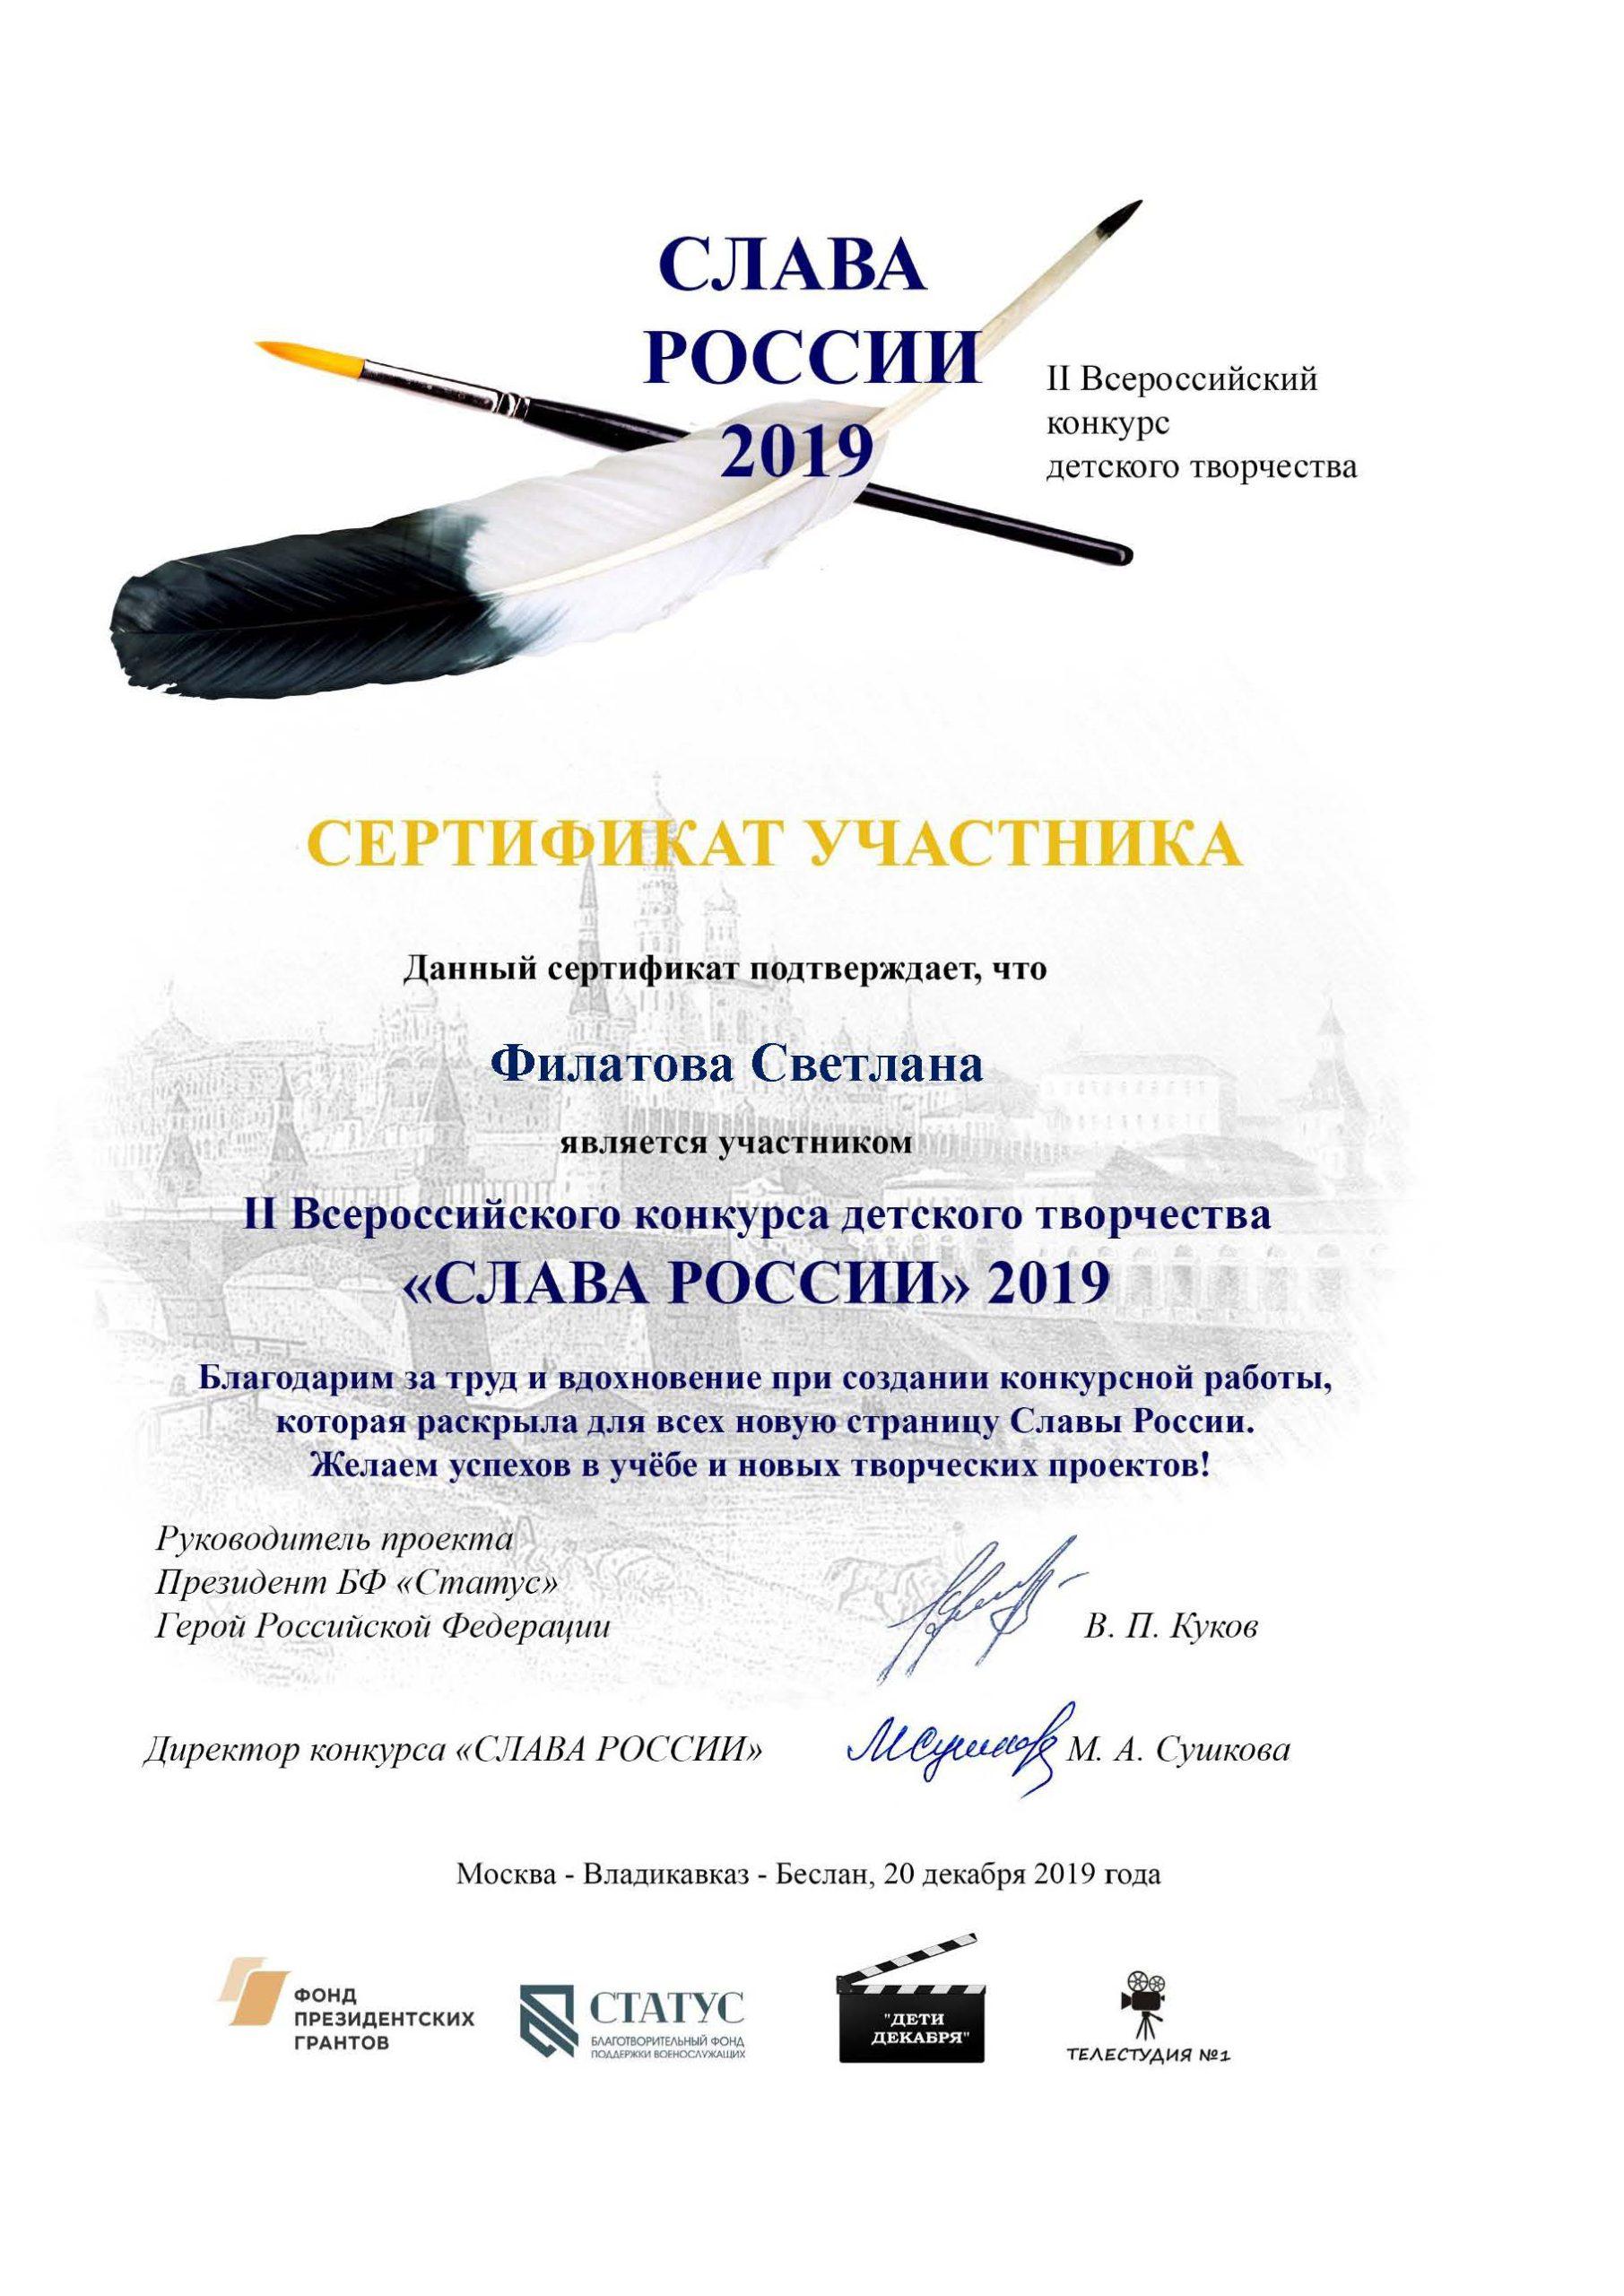 Филатова Светлана,